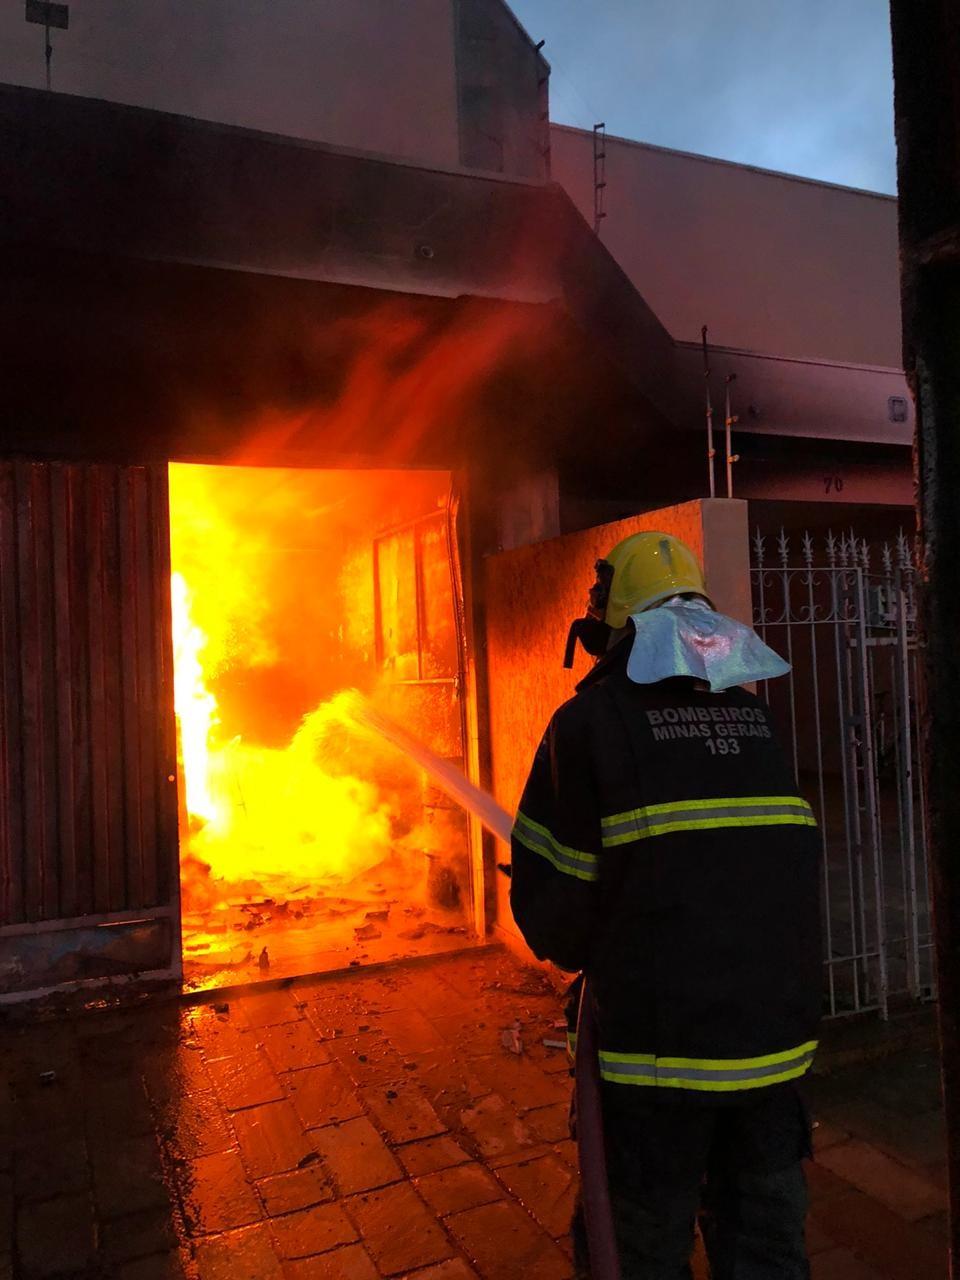 Garagem usada como depósito pega fogo em São Sebastião do Paraíso, MG